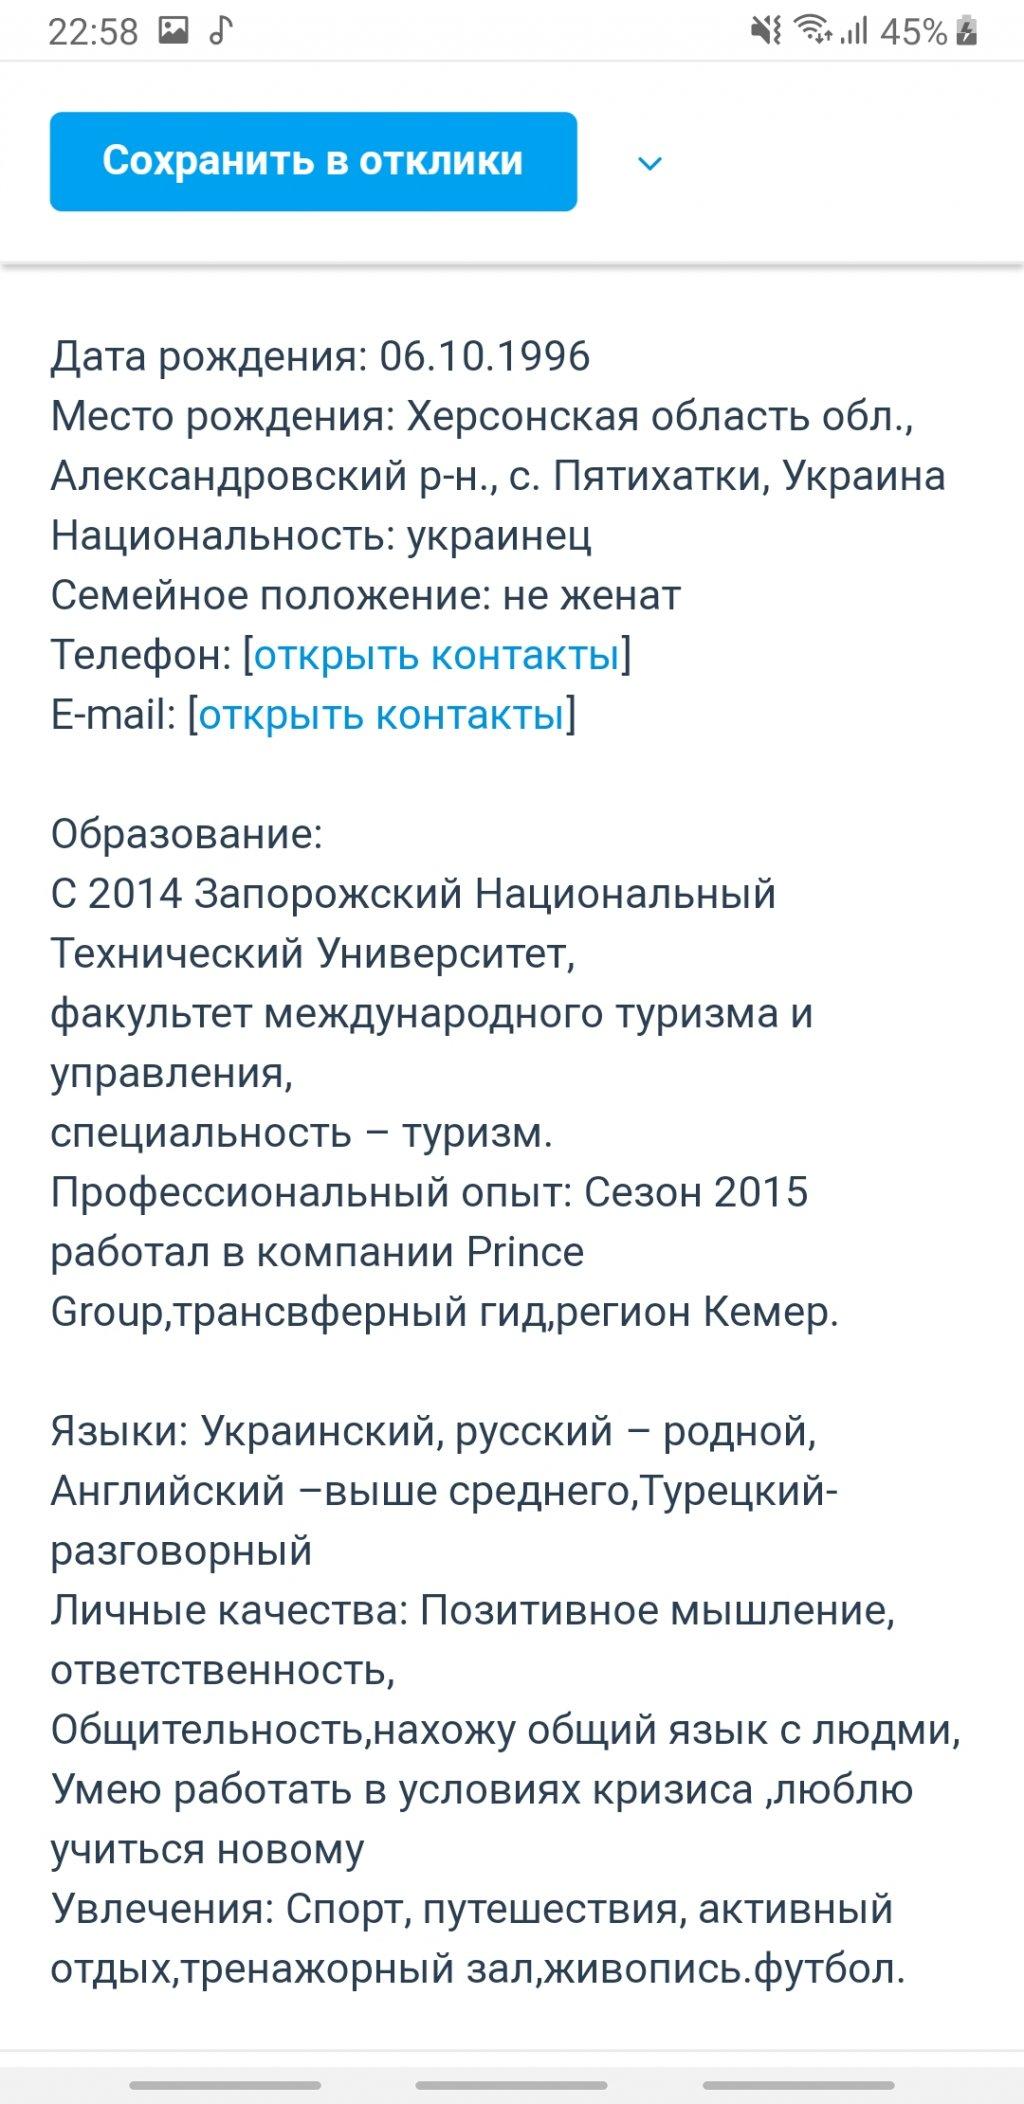 Компания Good Work Запорожье - Лухменко Станислав